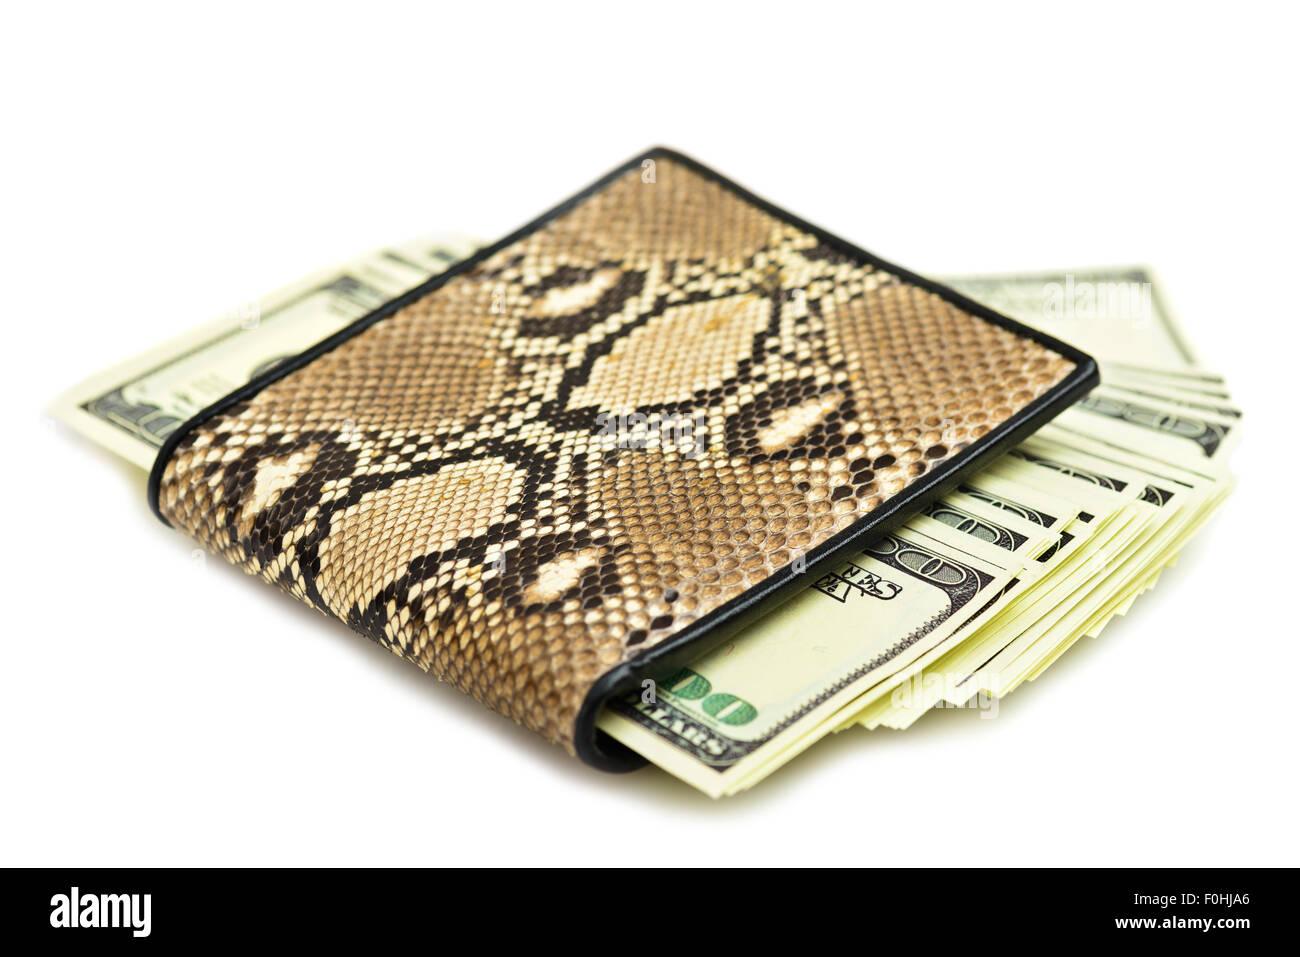 Dinero en el monedero de piel de serpiente aislado sobre fondo blanco. Imagen De Stock